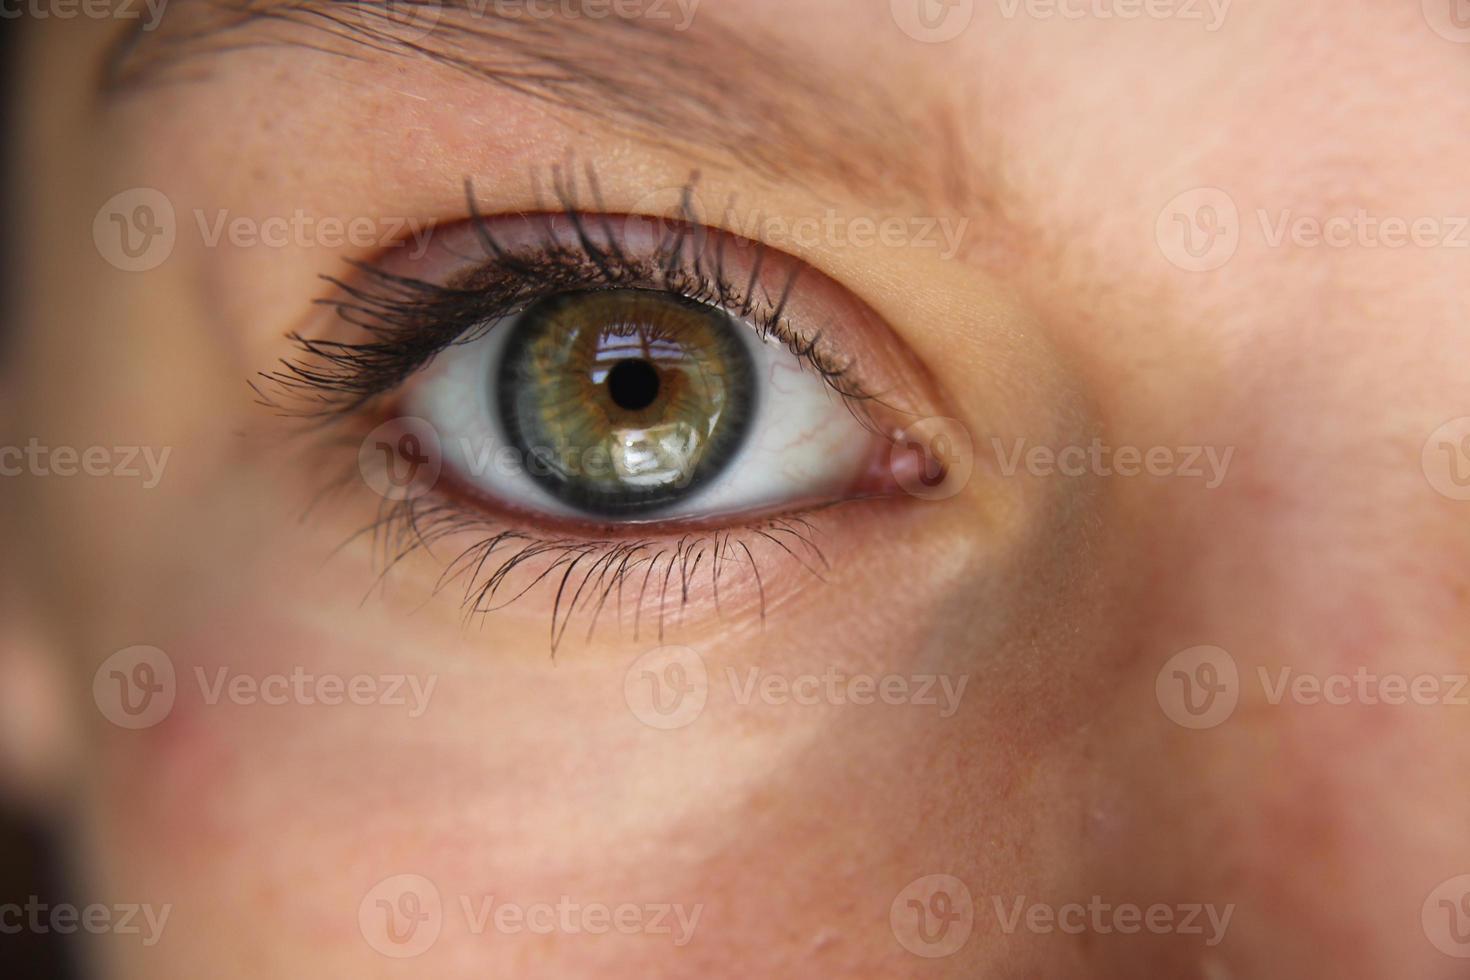 oog close-up foto